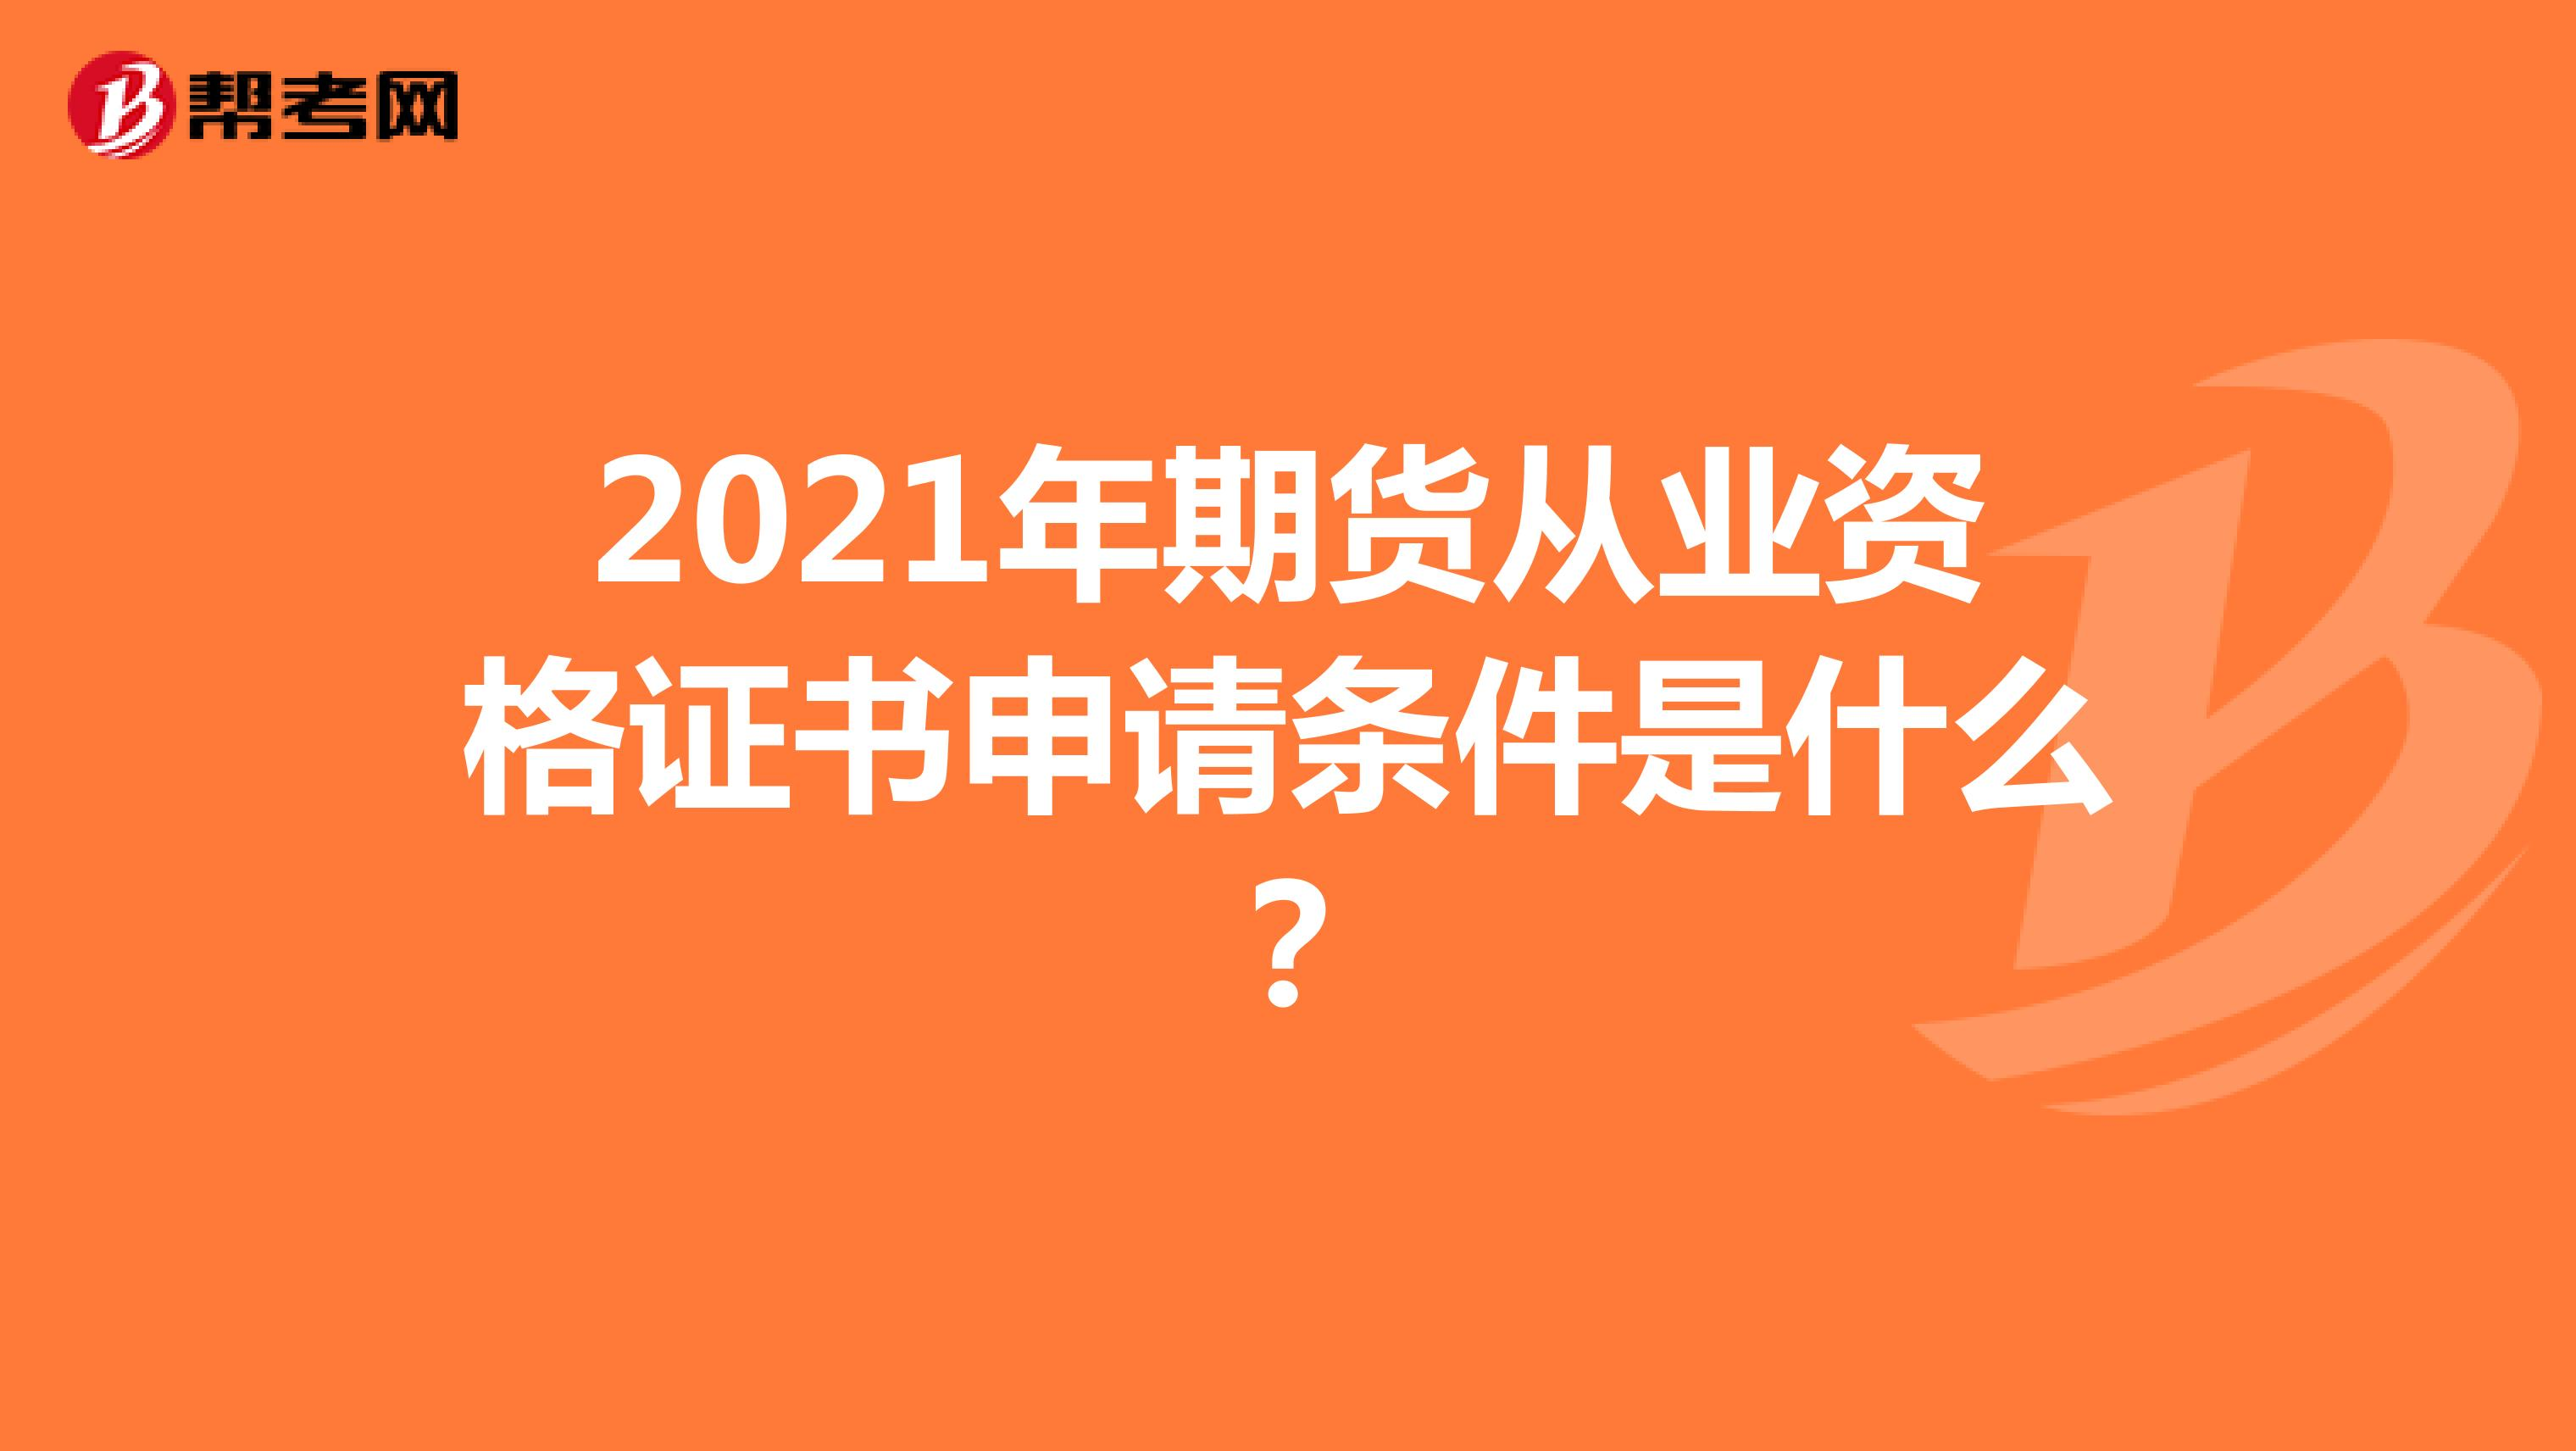 2021年期货从业资格证书申请条件是什么?